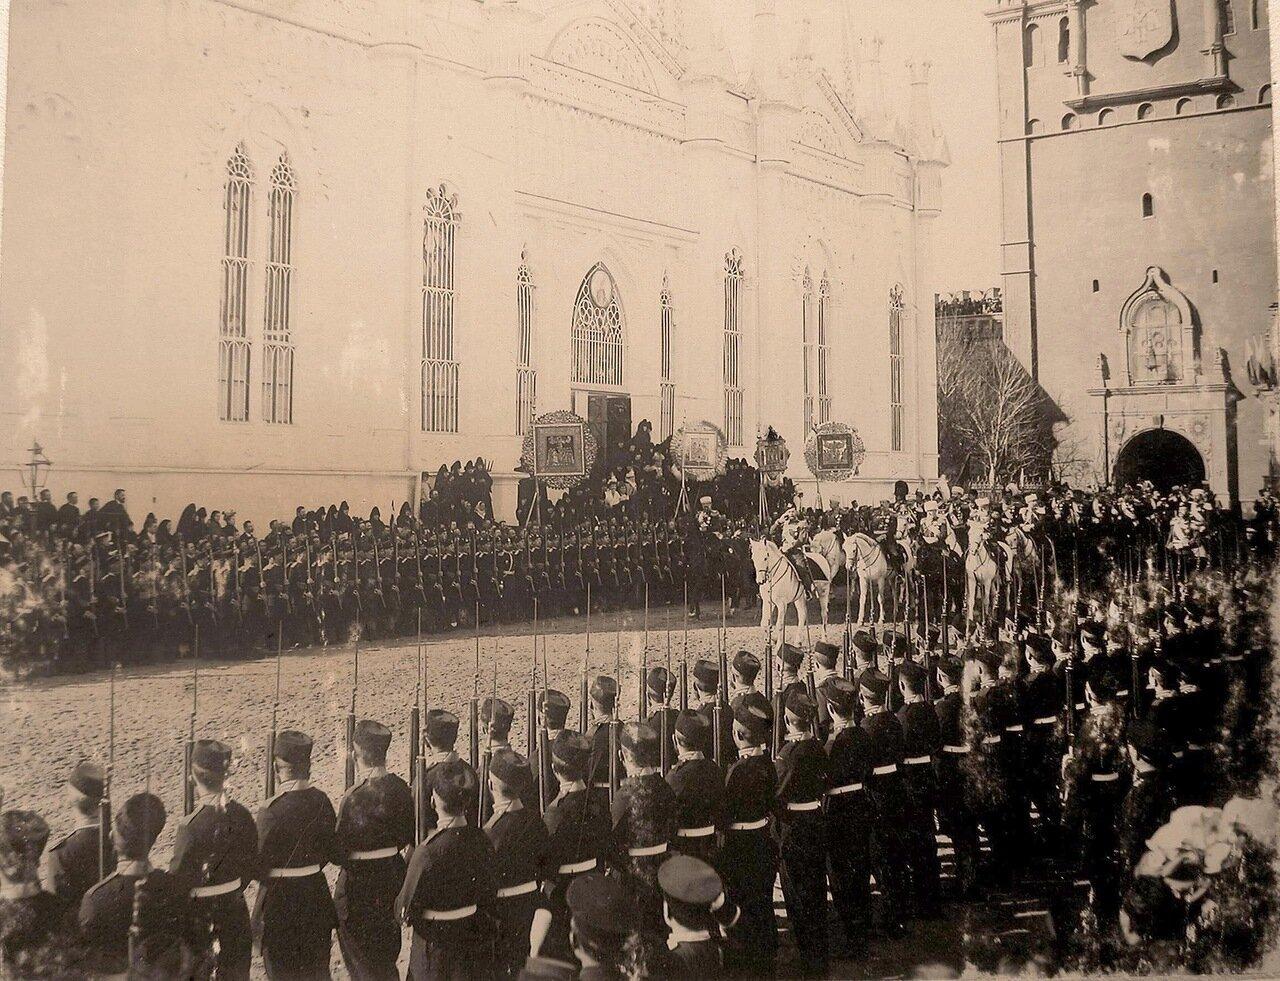 Император Николай II (впереди на белом коне) со свитой в Кремле у церкви Св.Екатерины Вознесенского монастыря в день торжественного въезда в Москву их императорских величеств; справа - часть Спасской башни